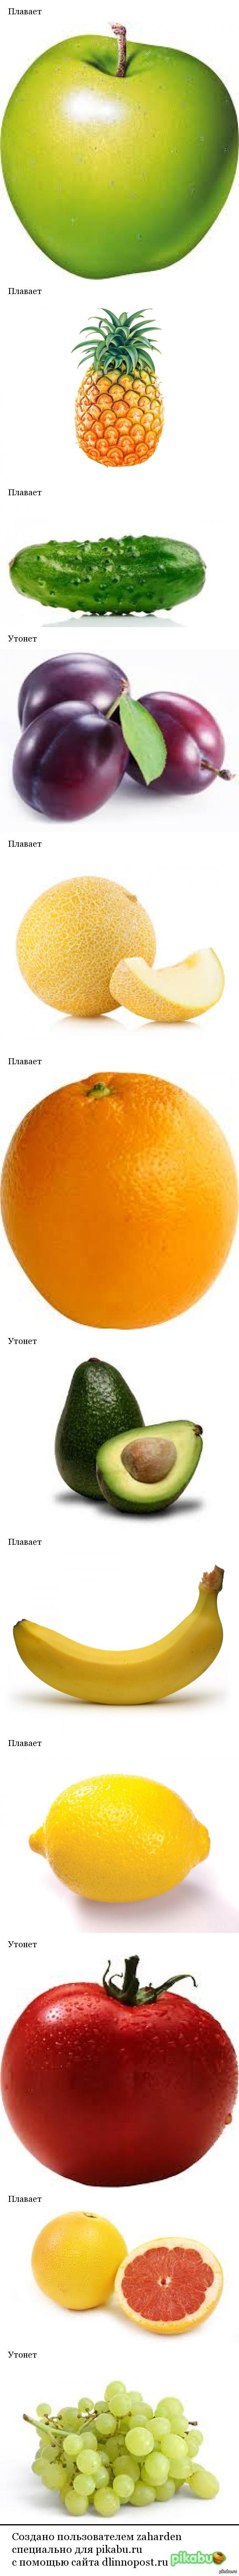 Плавает или утонет? Какие фрукты и овощи плавают и тонут в воде?